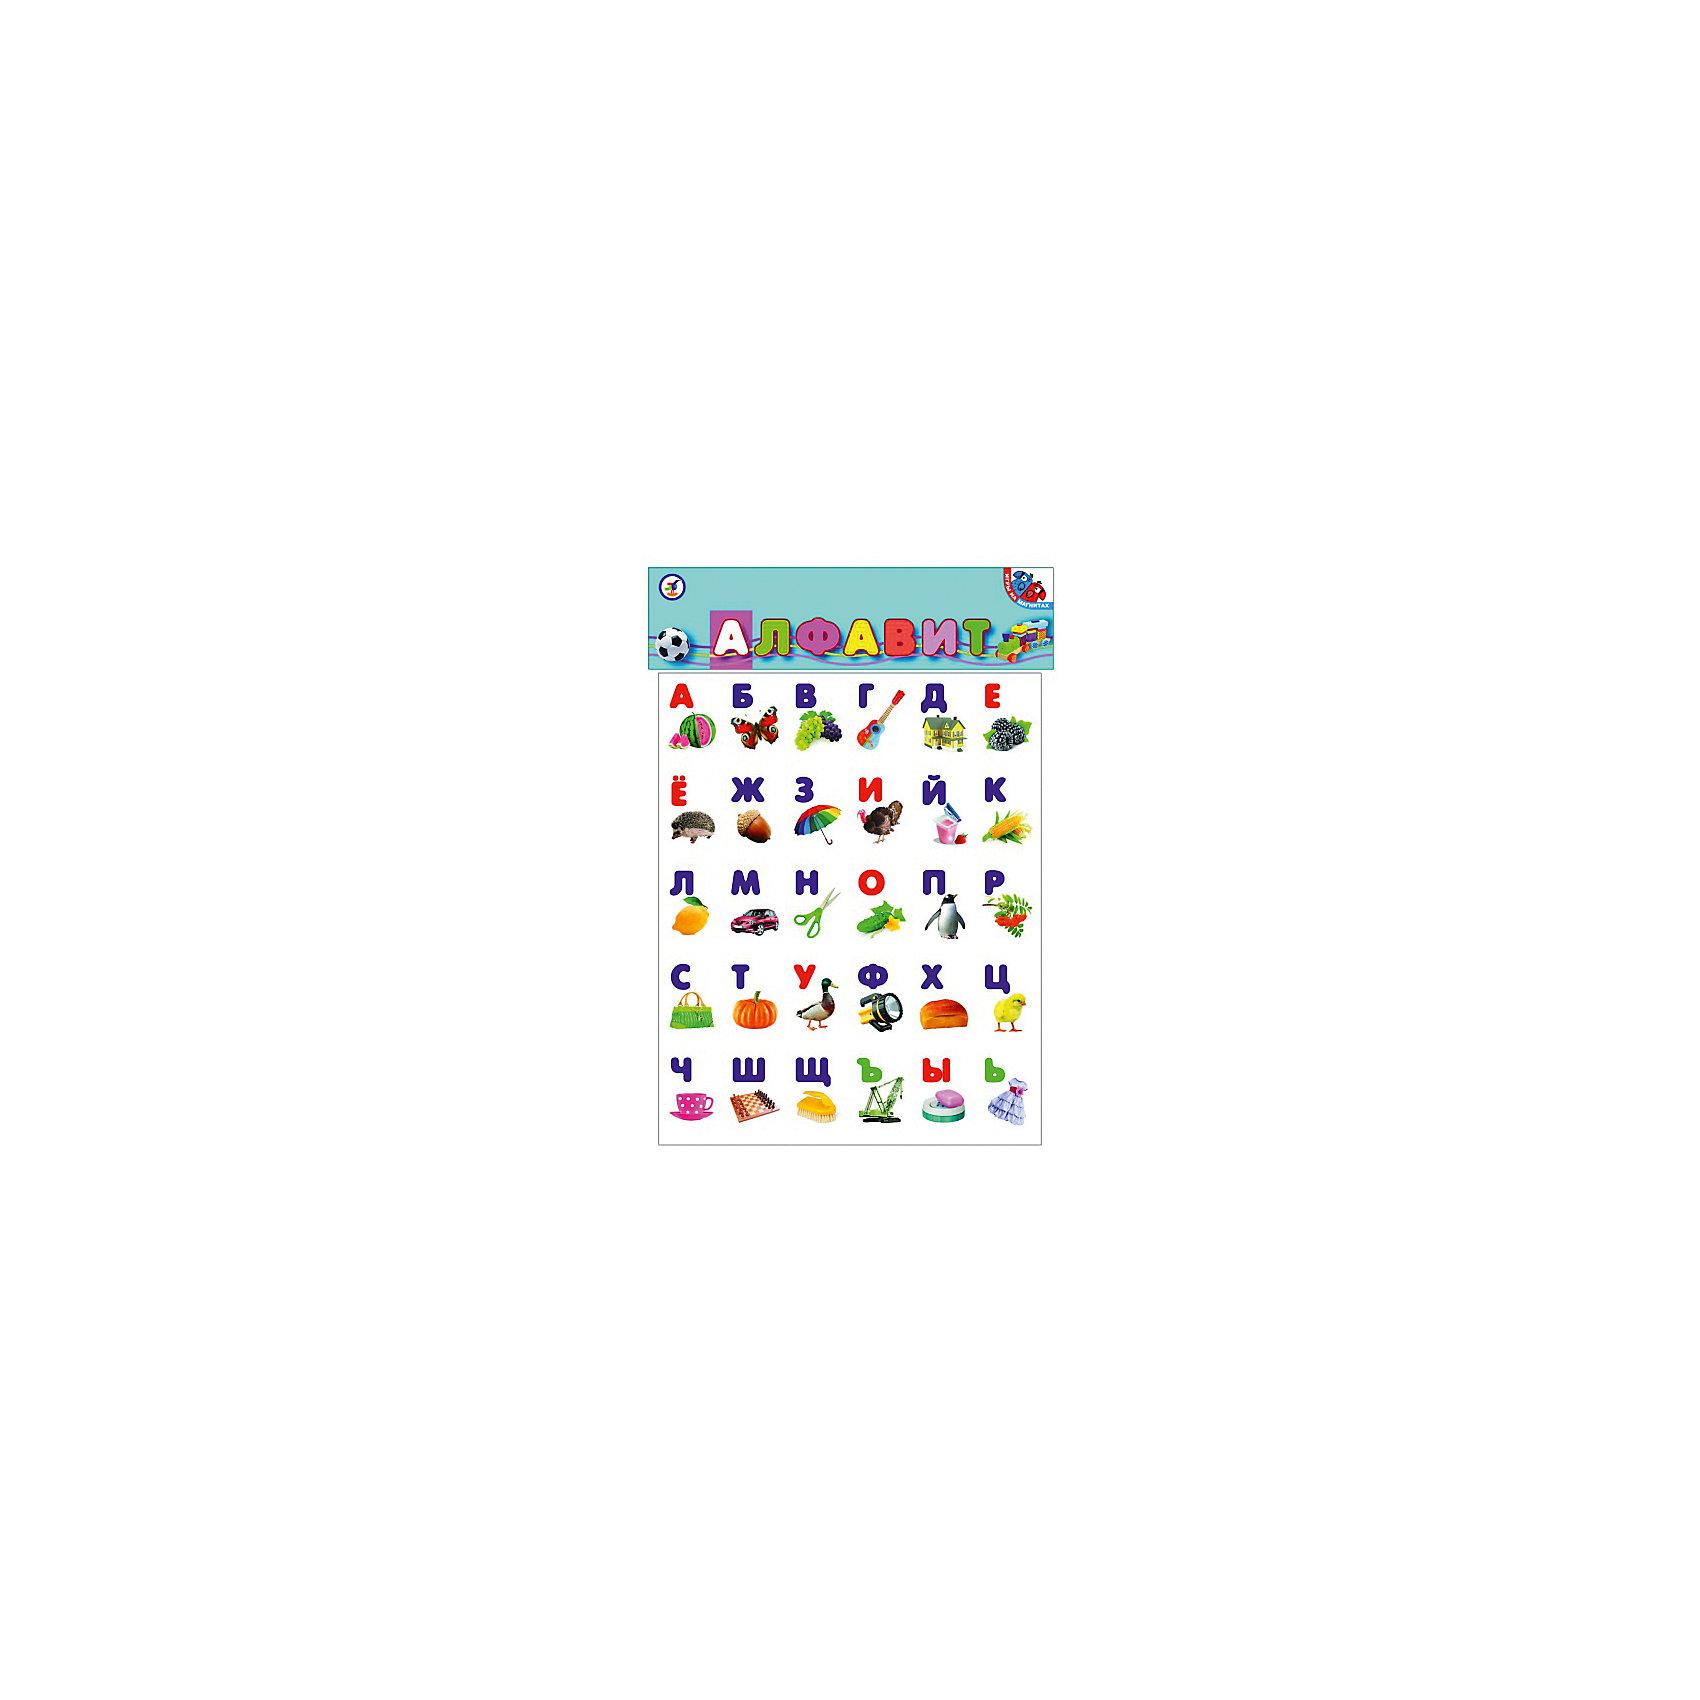 Алфавит на магнитеИгры для дошкольников<br>С этим магнитным алфавитом ваш ребенок без труда выучит буквы и сможет составлять свои первые слова. На лицевой стороне карточек изображена буква с изображением. Карточки можно прикрепить к любой металлической поверхности, составлять из них слова, слоги, придумывать различные игры. Яркие, красочные картинки обязательно привлекут внимание малышей. Простые и понятные рисунки создают нужные зрительные образы, что способствует лучшему запоминанию букв. <br><br>Дополнительная информация:<br><br>- Материал: картон, бумага, магниторезина.<br>- Размер упаковки: 29х36 см.<br>- Яркие картинки. <br><br>Алфавит на магните можно купить в нашем магазине.<br><br>Ширина мм: 500<br>Глубина мм: 25<br>Высота мм: 525<br>Вес г: 500<br>Возраст от месяцев: 48<br>Возраст до месяцев: 84<br>Пол: Унисекс<br>Возраст: Детский<br>SKU: 4293361